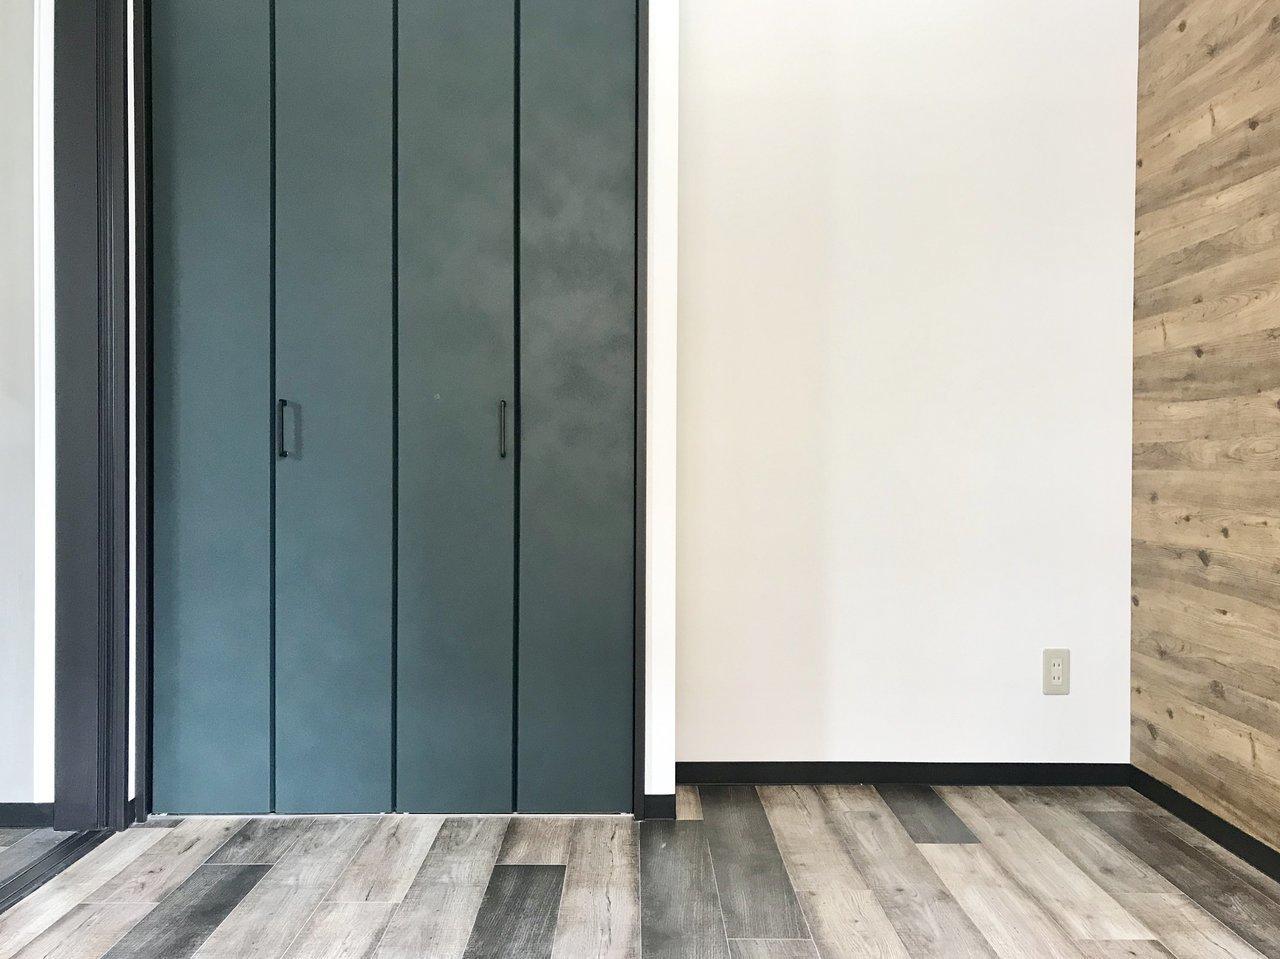 他にも、扉などにこだわりのデザインが。全体的に大人っぽい印象になるよう、深い、濃い色合いの建具でそろえられています。ああ、すぐにでもおしゃれな暮らしができそう。妄想が広がります。